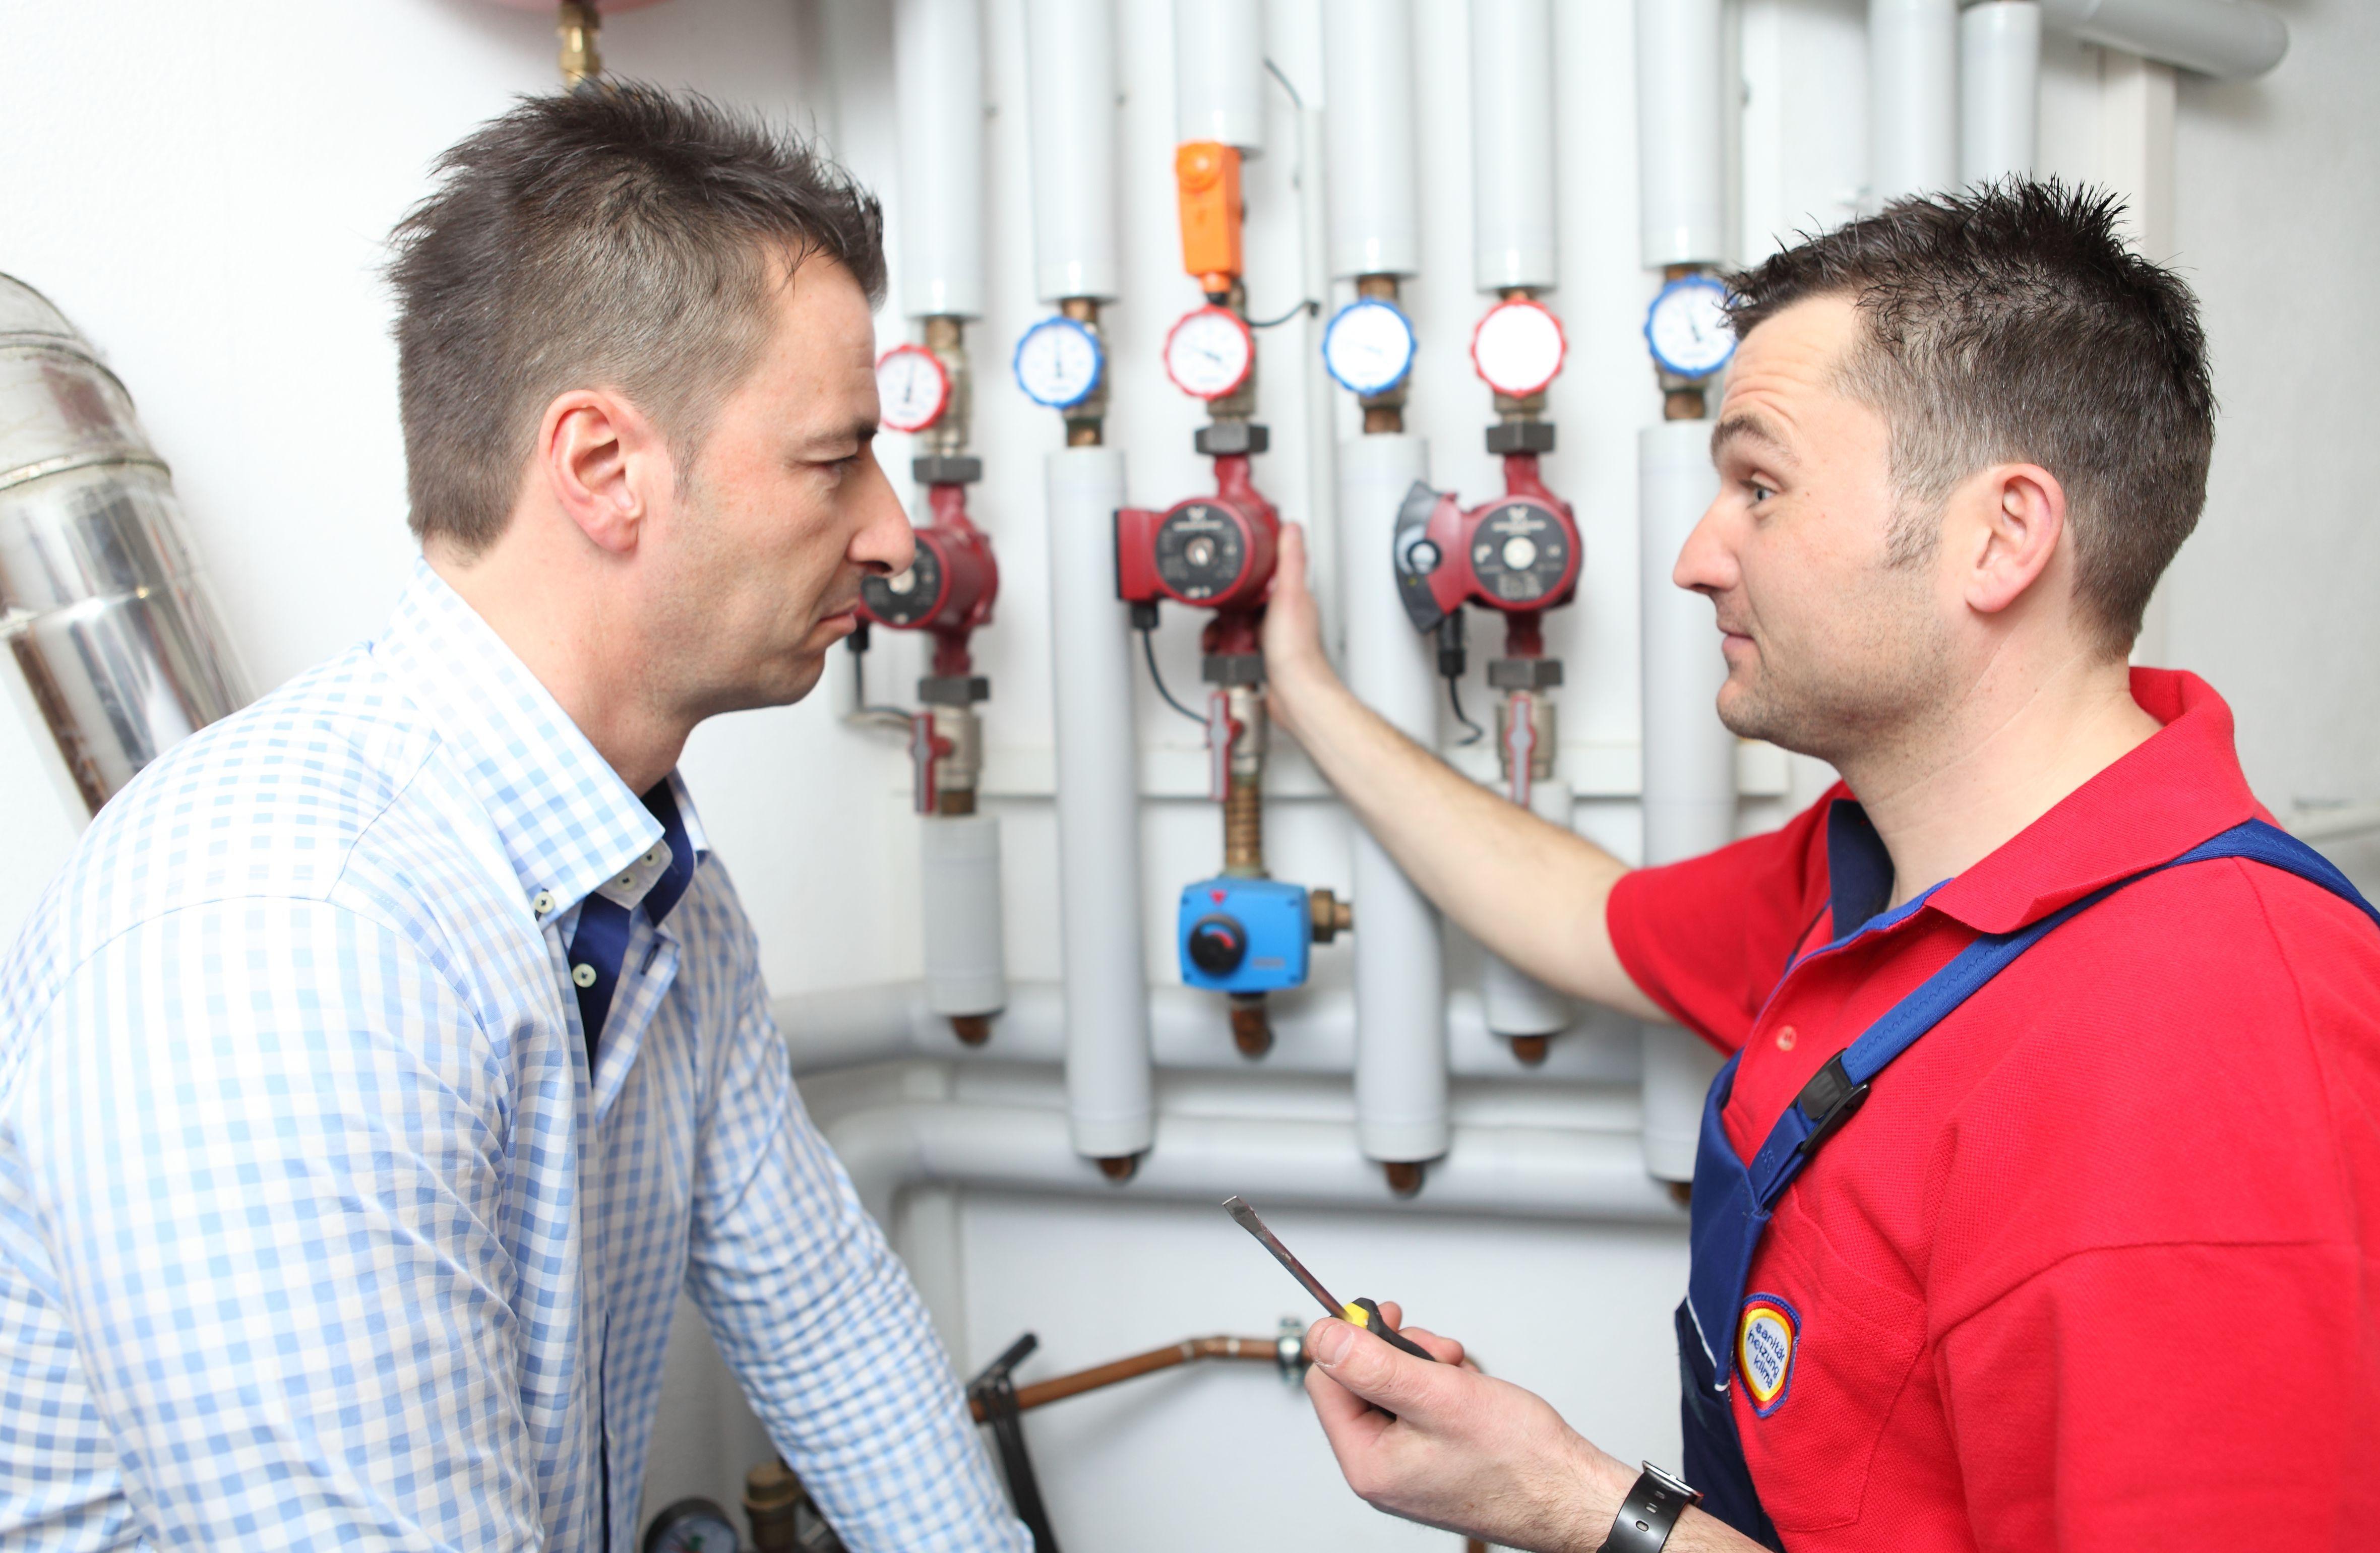 Mit optimierten Heizungskomponenten in den Winter starten / Durch effiziente Heizungspumpe, moderne Thermostatventile und Hydraulischen Abgleich bis zu 20 Prozent Energiekosten einsparen